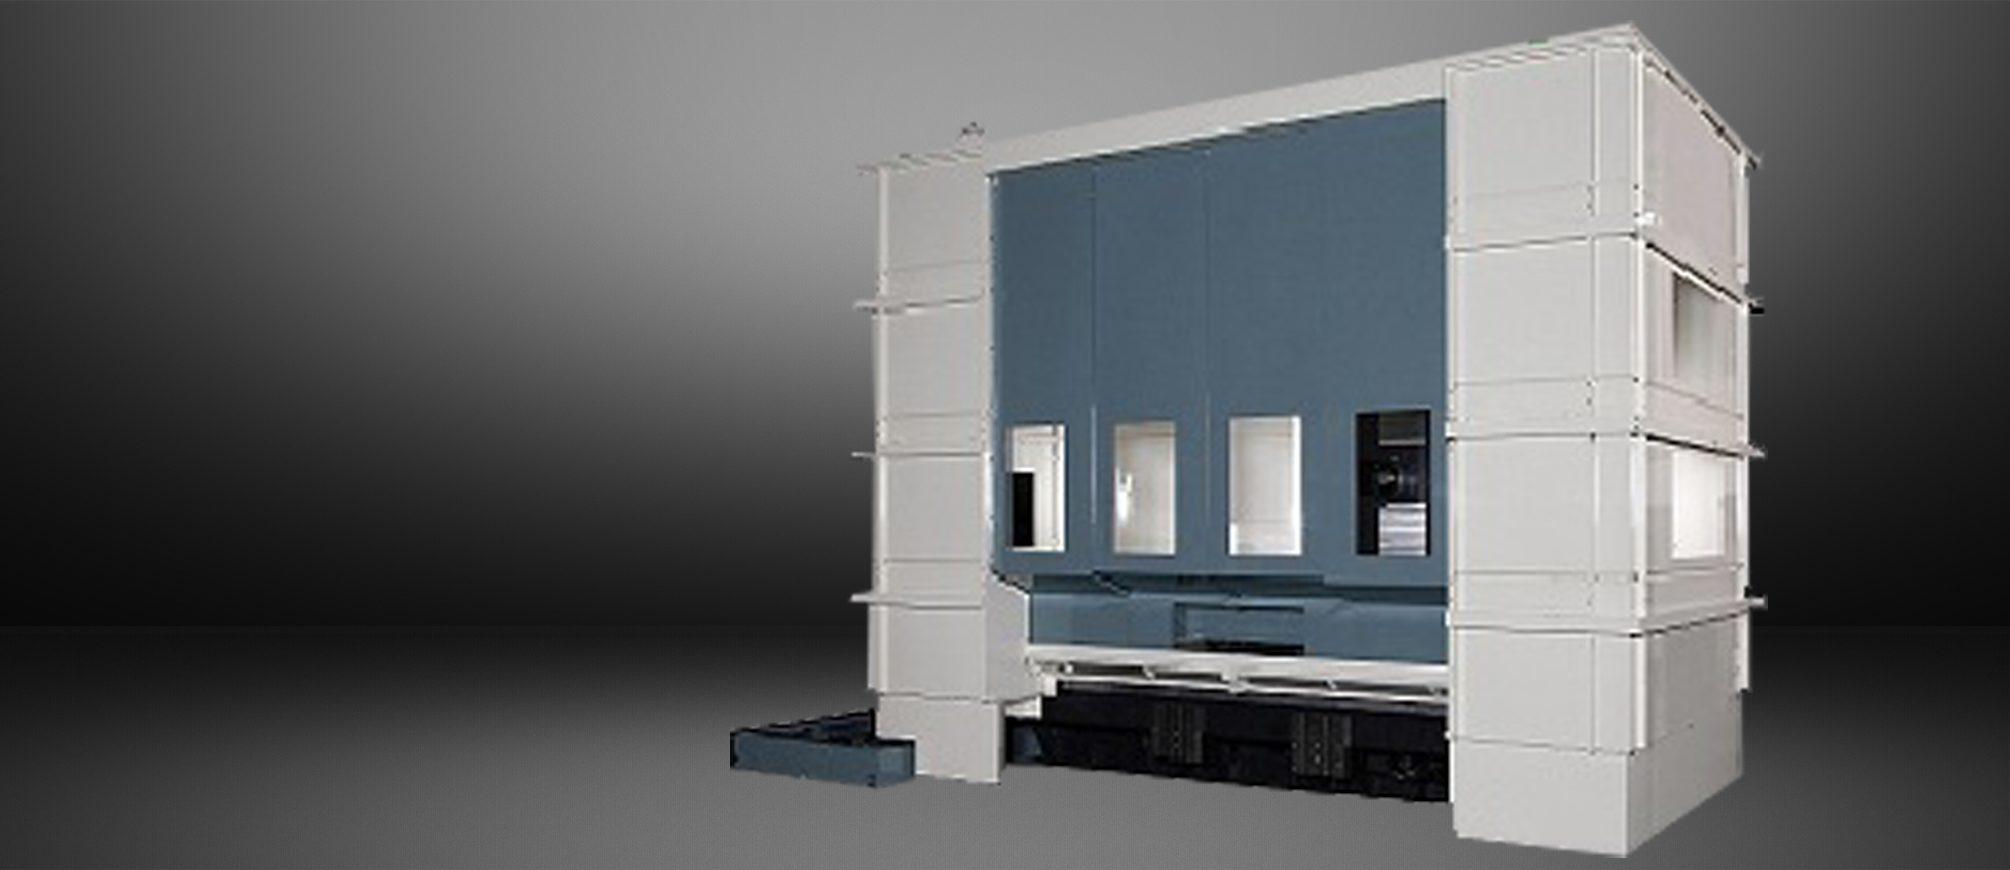 HN1600-S Horizontal Machining Centers